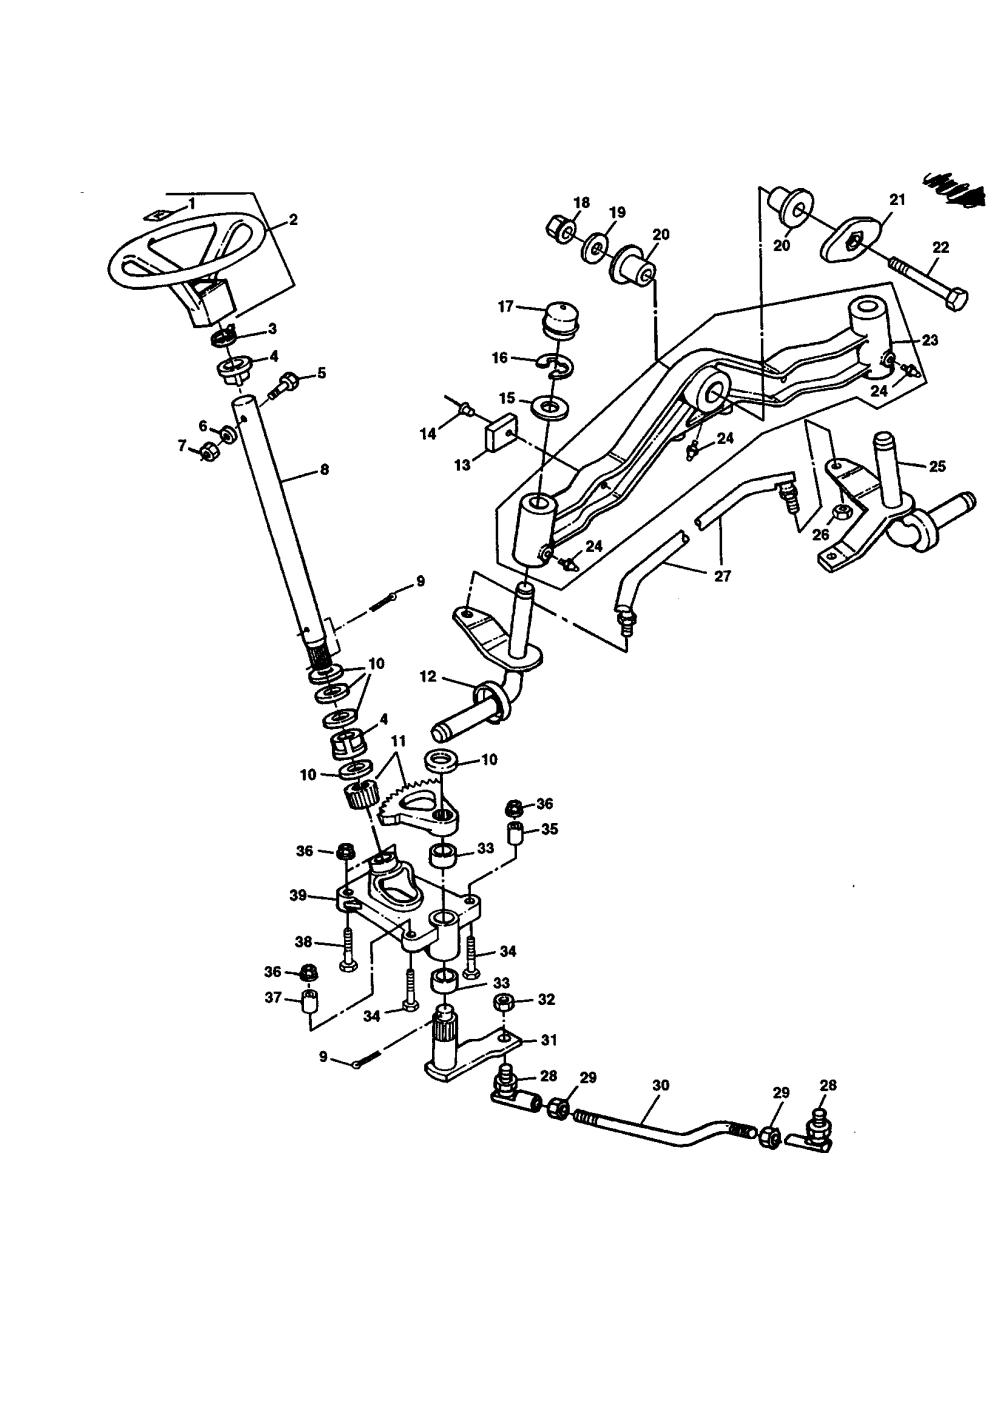 medium resolution of kium rio5 part diagram